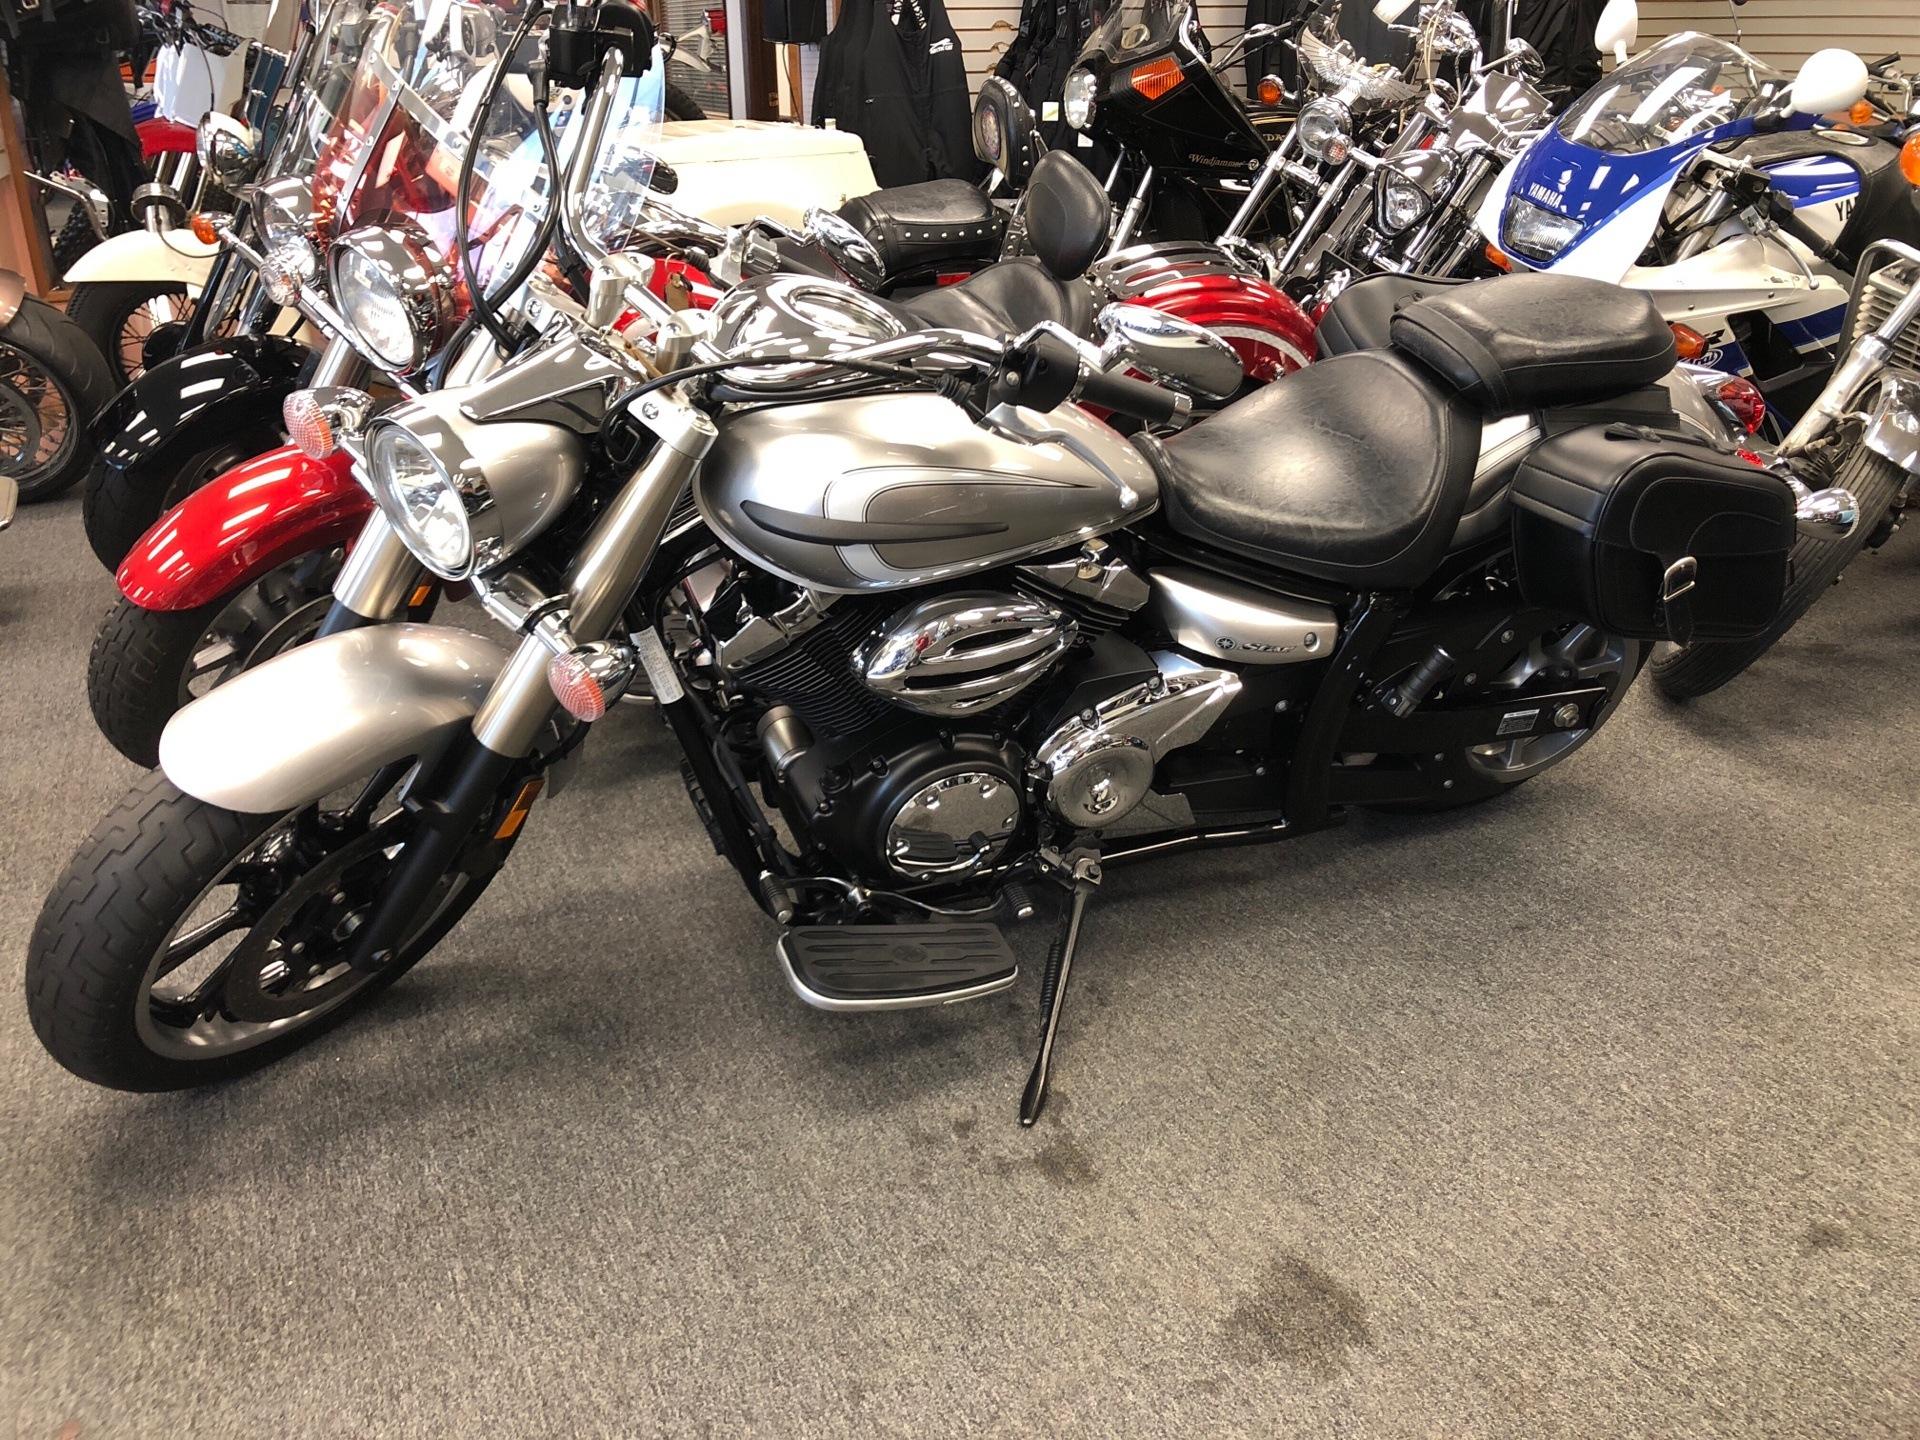 2012 Yamaha V Star 950 1